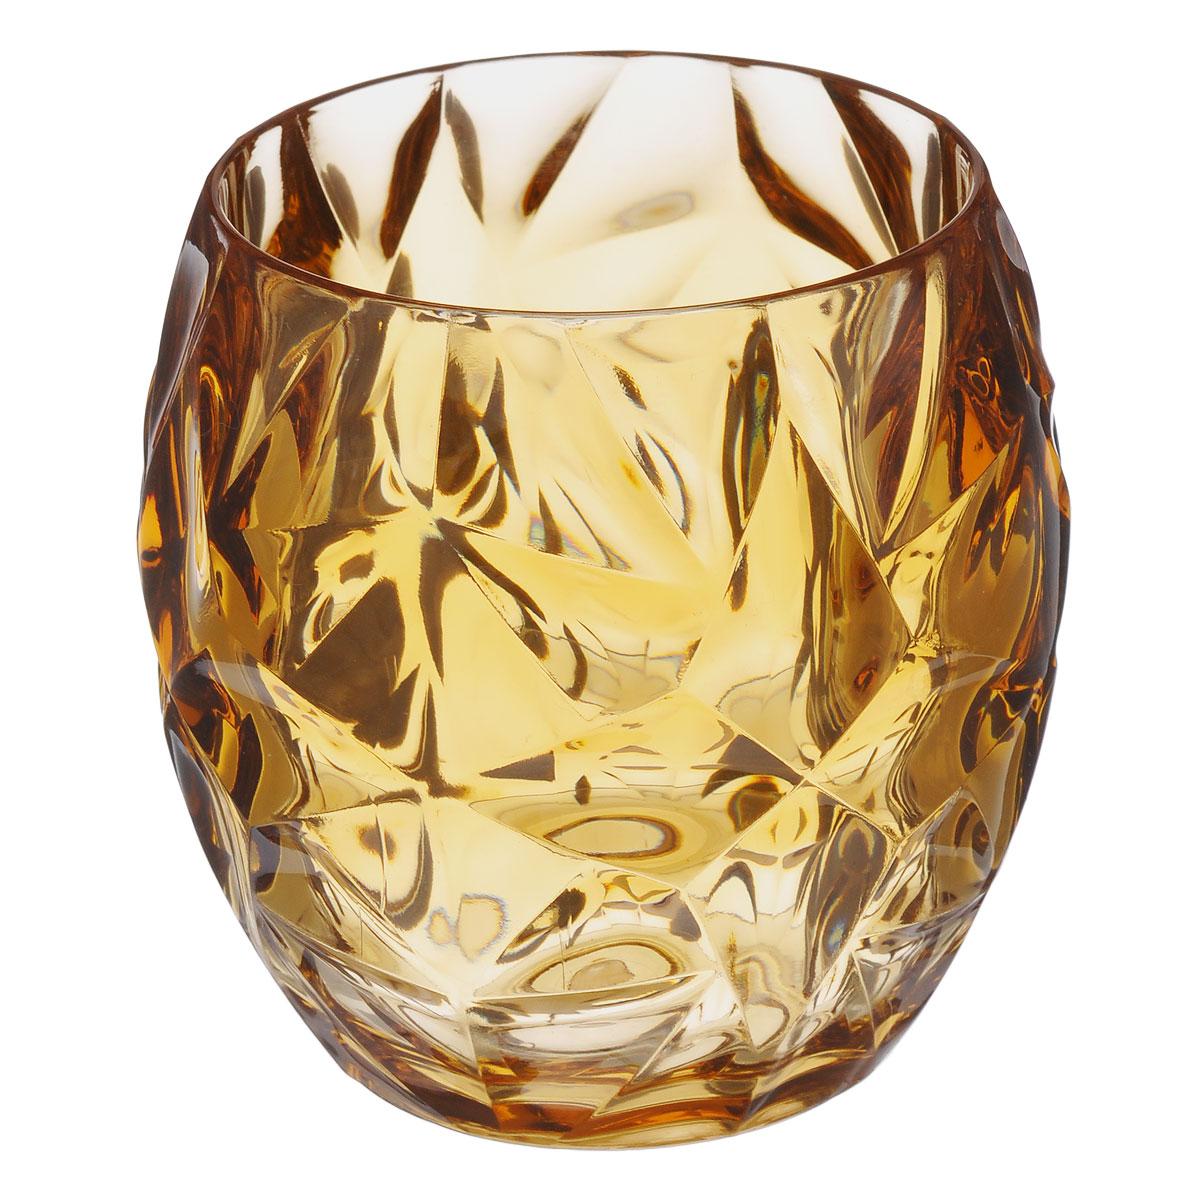 Стакан для ванной Fresh Code Узорный, цвет: светло-коричневый, 350 мл64538Оригинальный стакан Fresh Code Узорный, выполненный из акрила, предназначен для хранения различных предметов для гигиенических процедур. Лаконичный дизайн подойдет к любому интерьеру. Такой стакан создаст особую атмосферу уюта и максимального комфорта в ванной. Диаметр (по верхнему краю): 7,5 см. Диаметр дна: 5,5 см. Высота: 9,5 см.